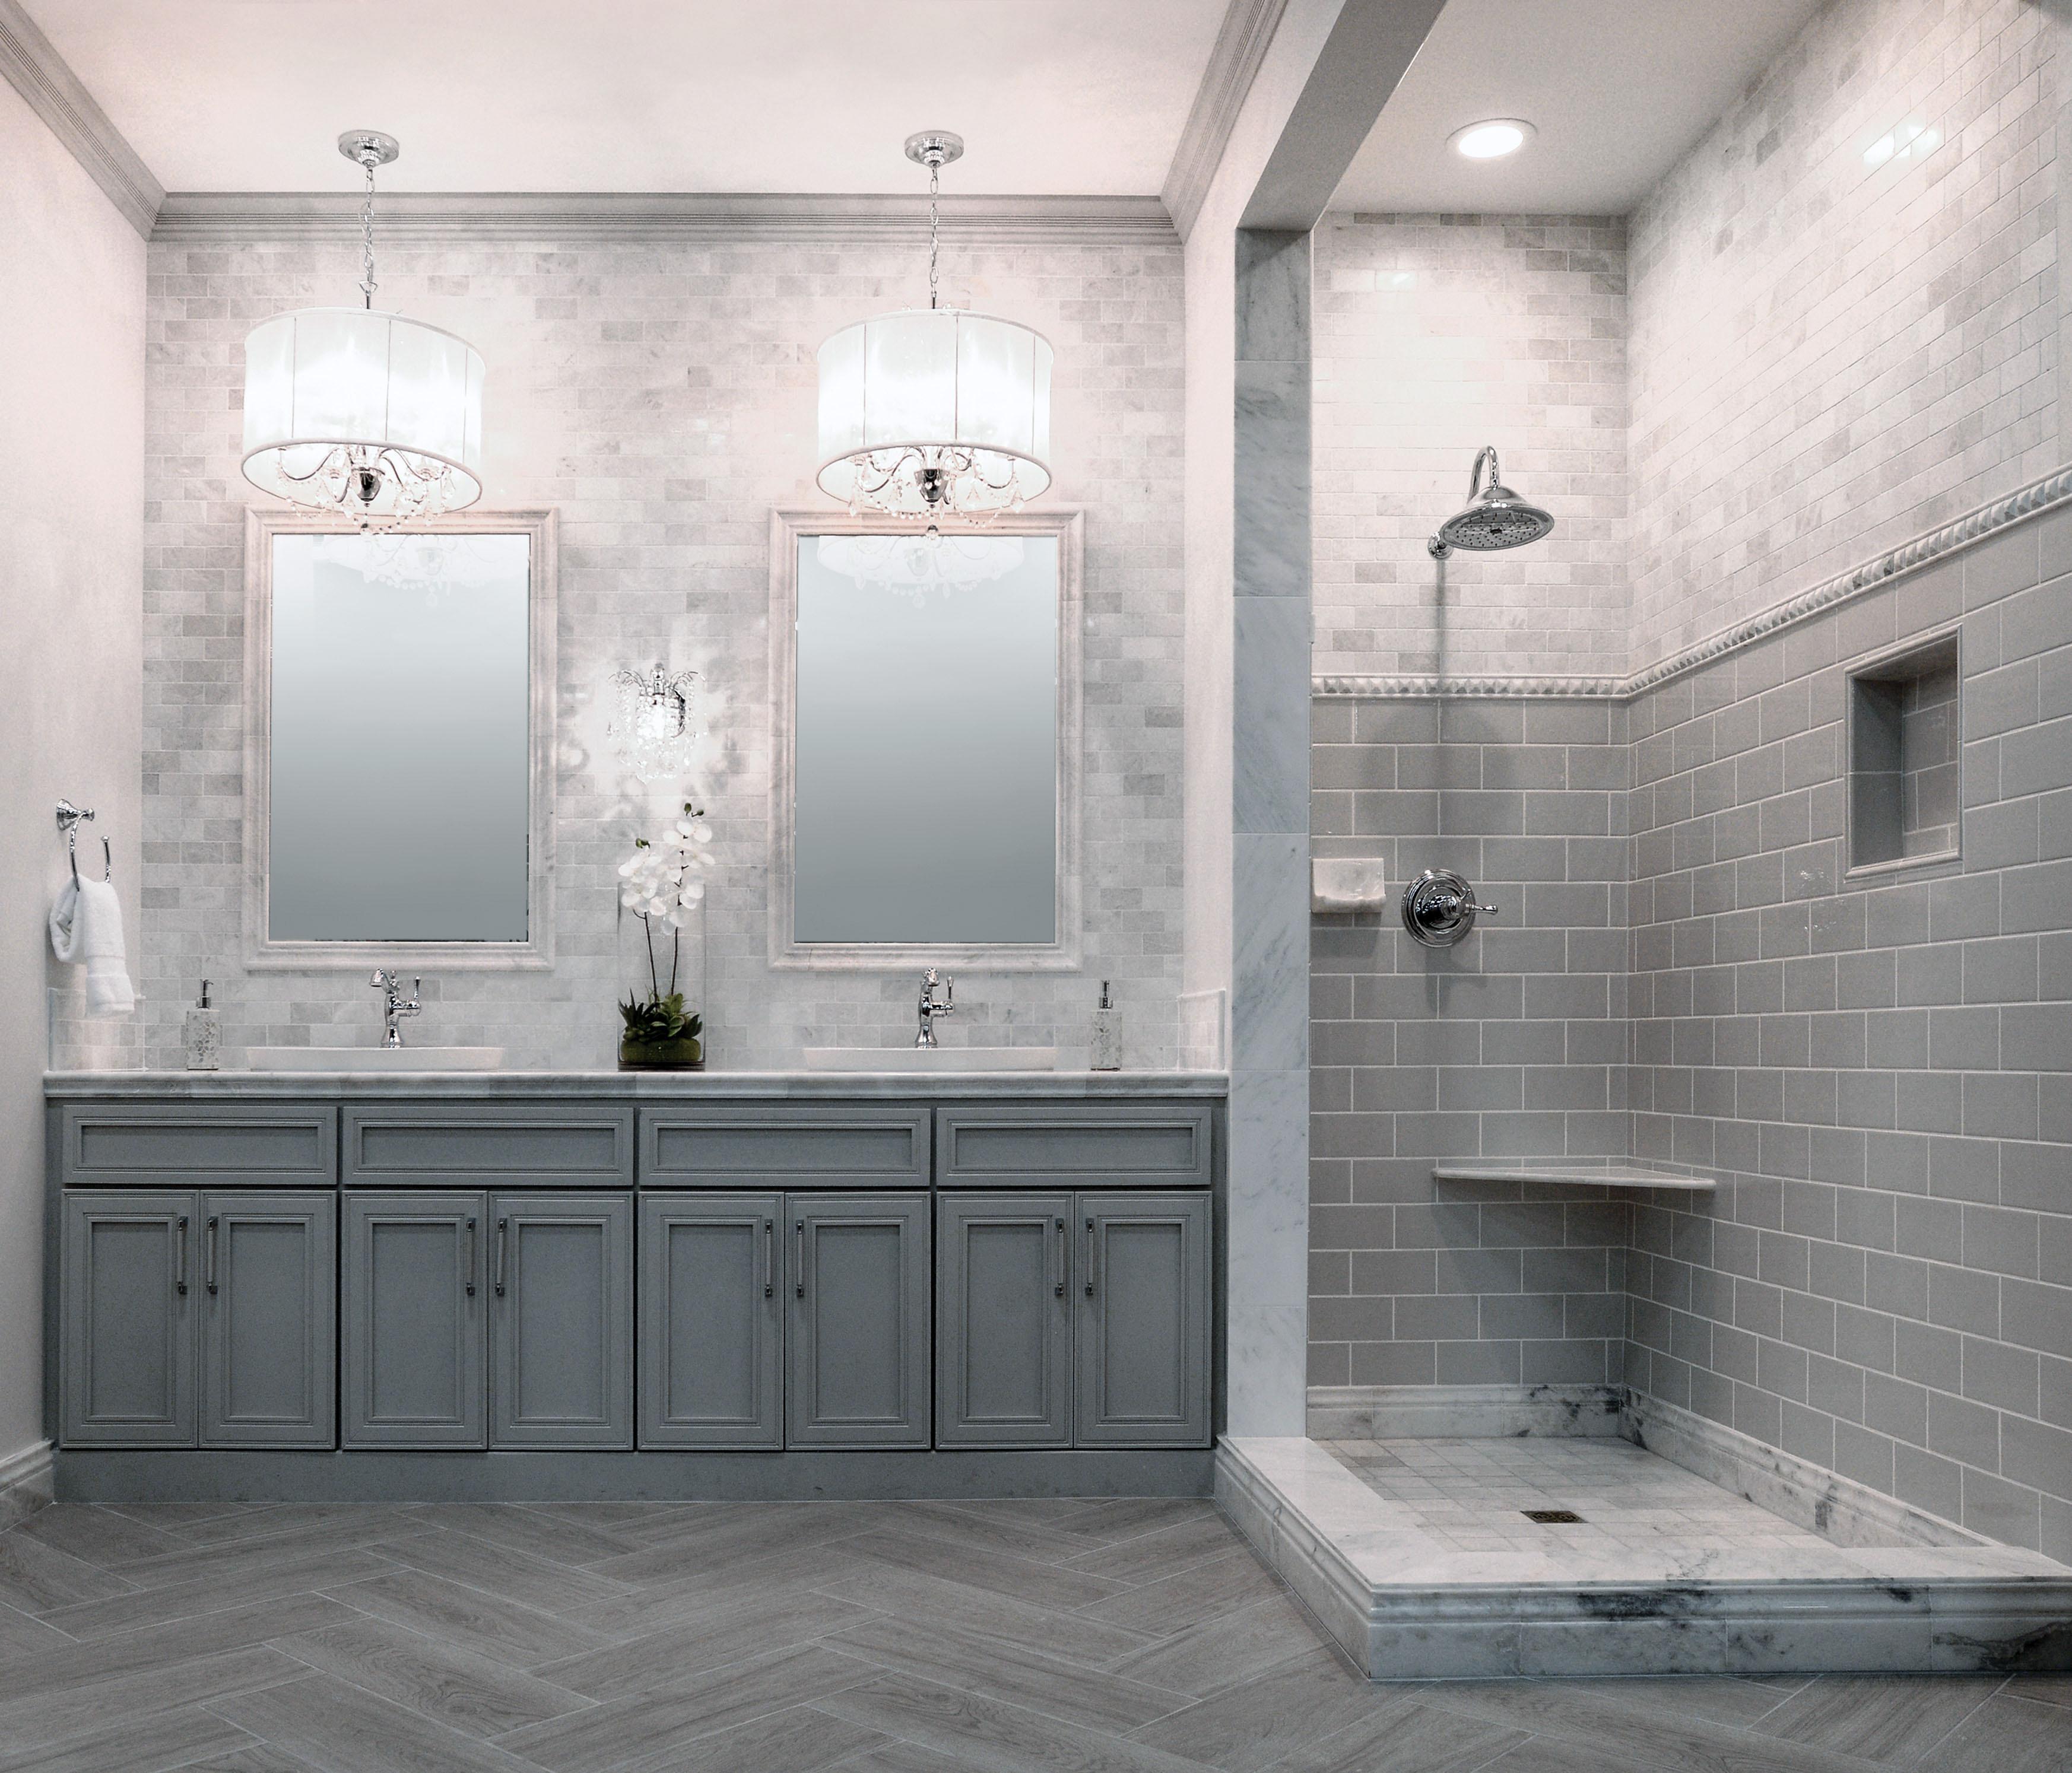 The Tile Shop Introduces 2015 Design Preview, Providing ...